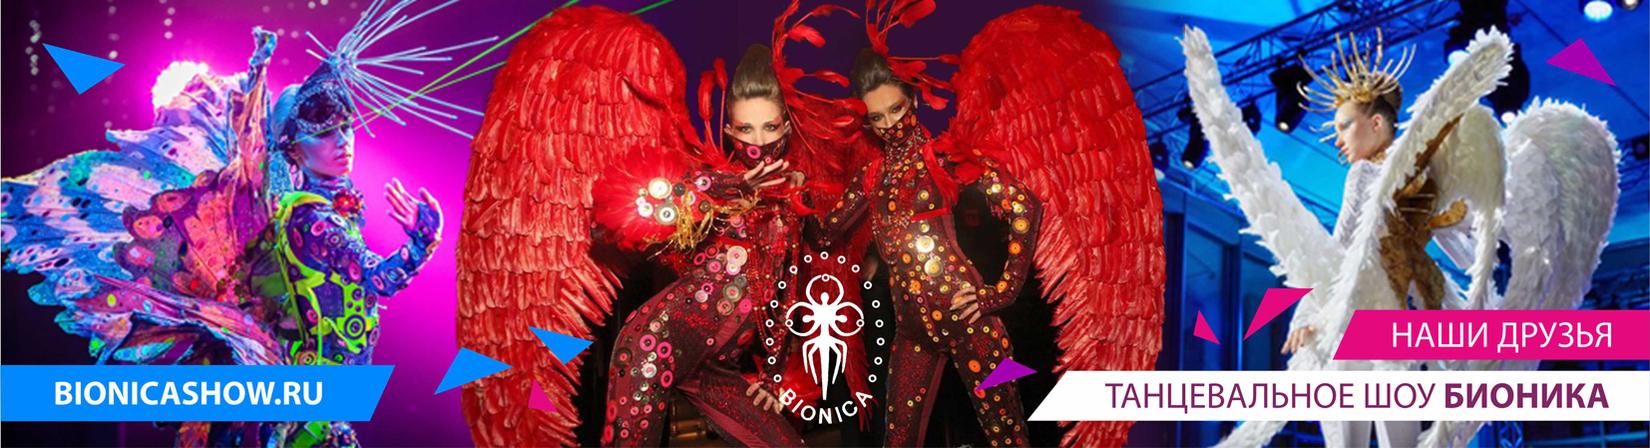 Танцевальное шоу Бионика